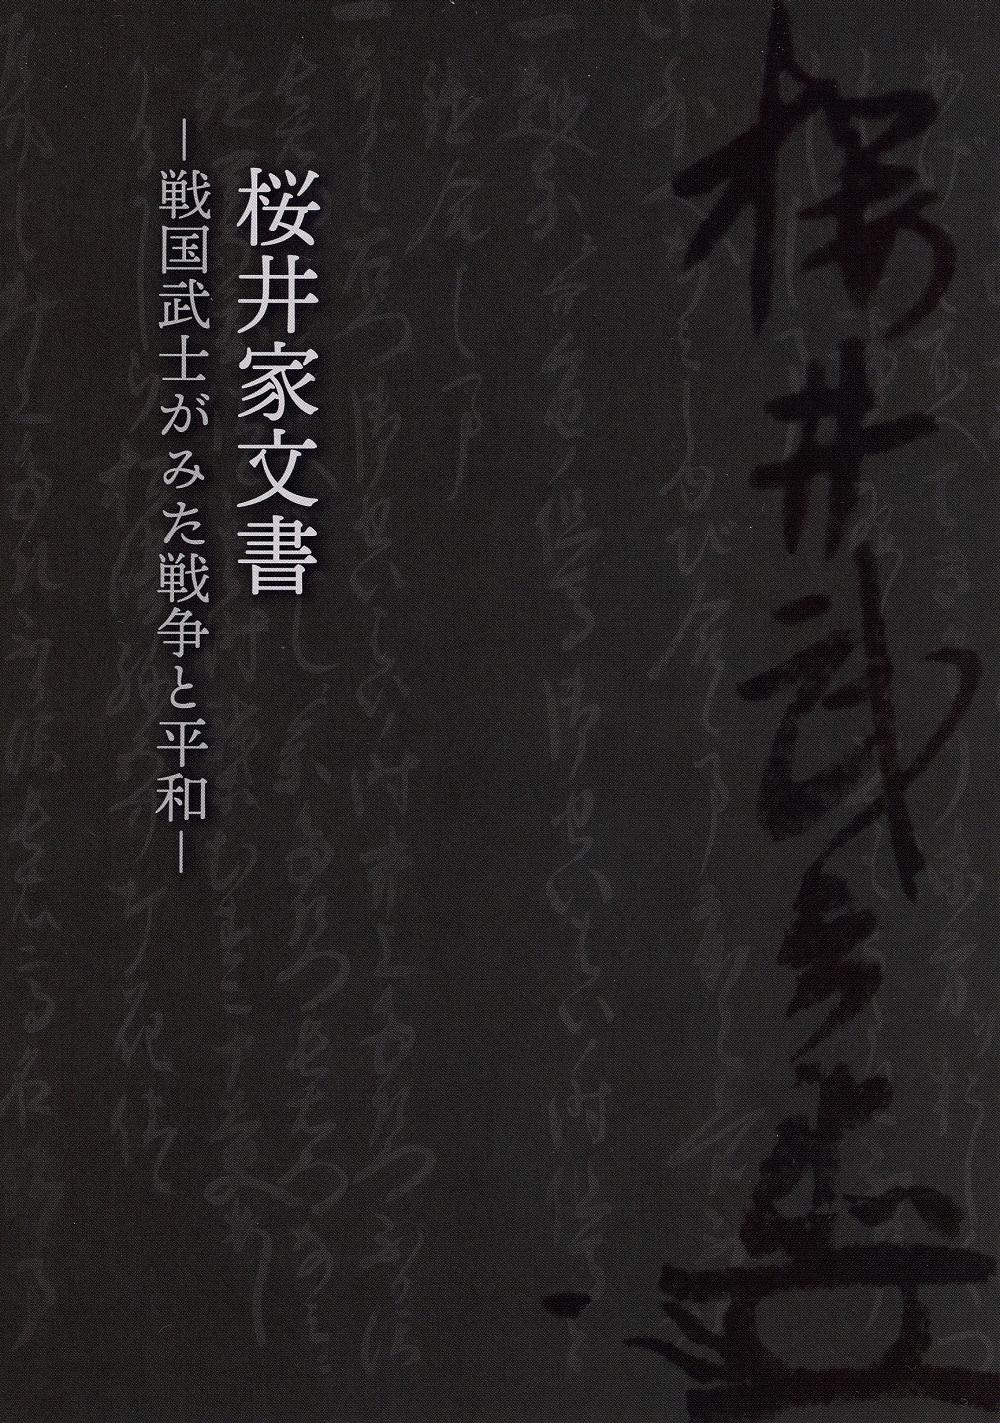 桜井家文書-戦国武士がみた戦争と平和-